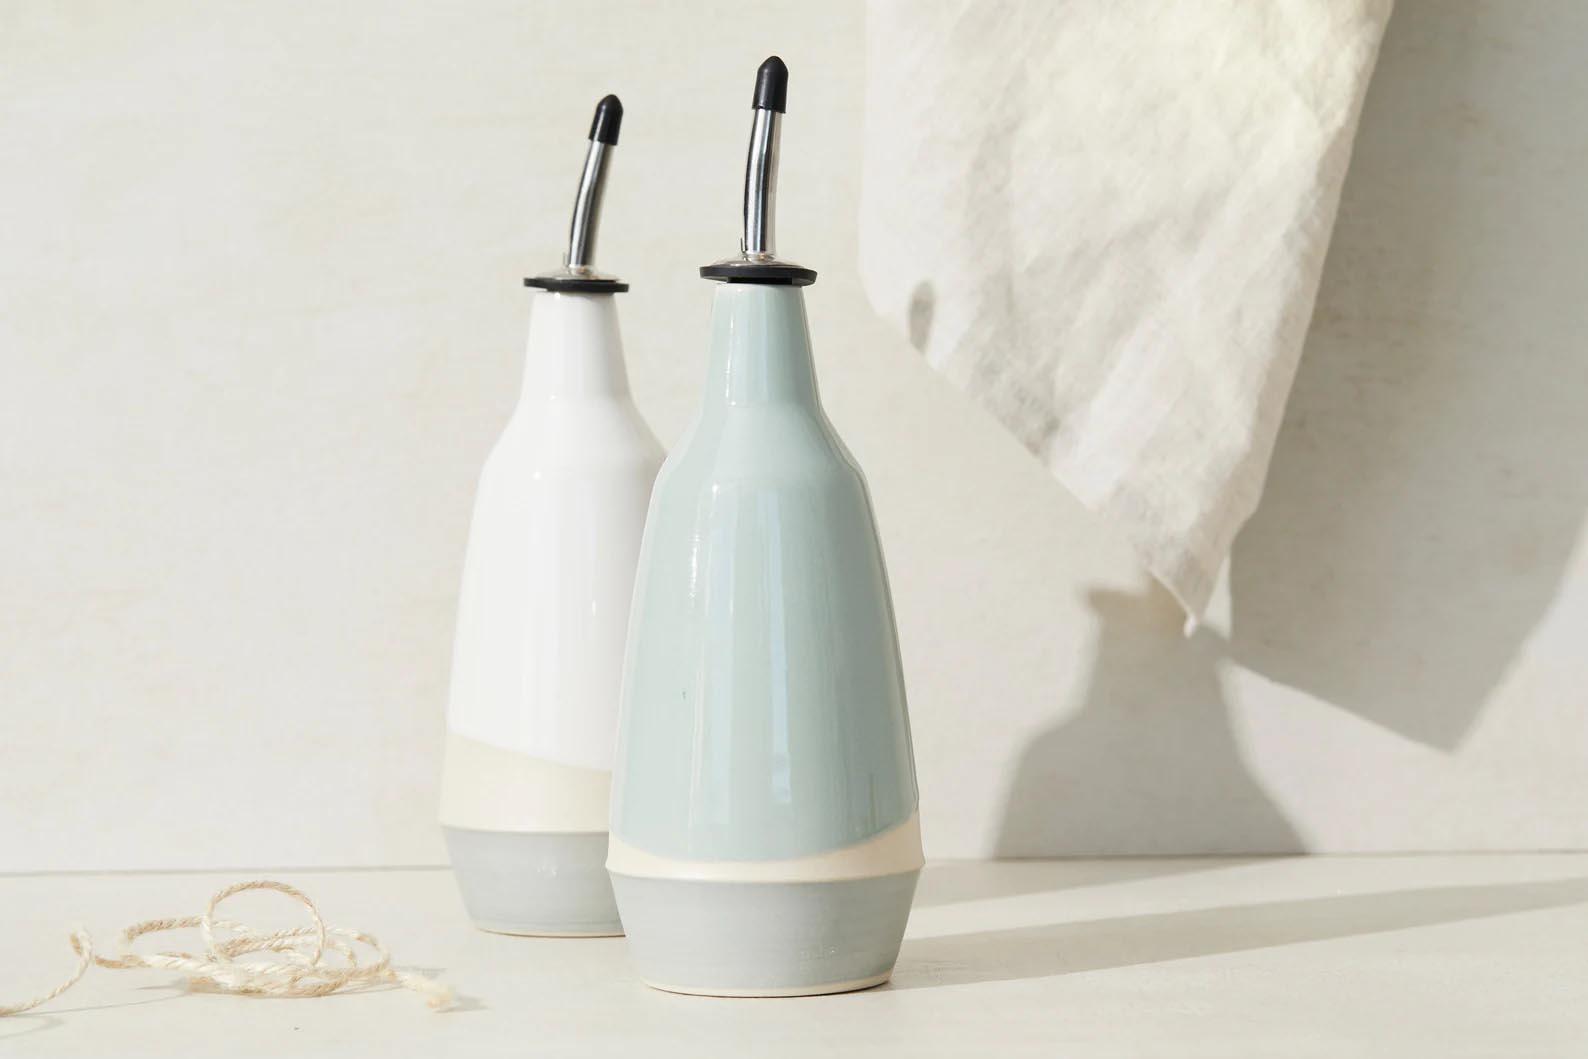 Modern Gift Ideas - Ceramic Dispensers for olive oil and vinegar.